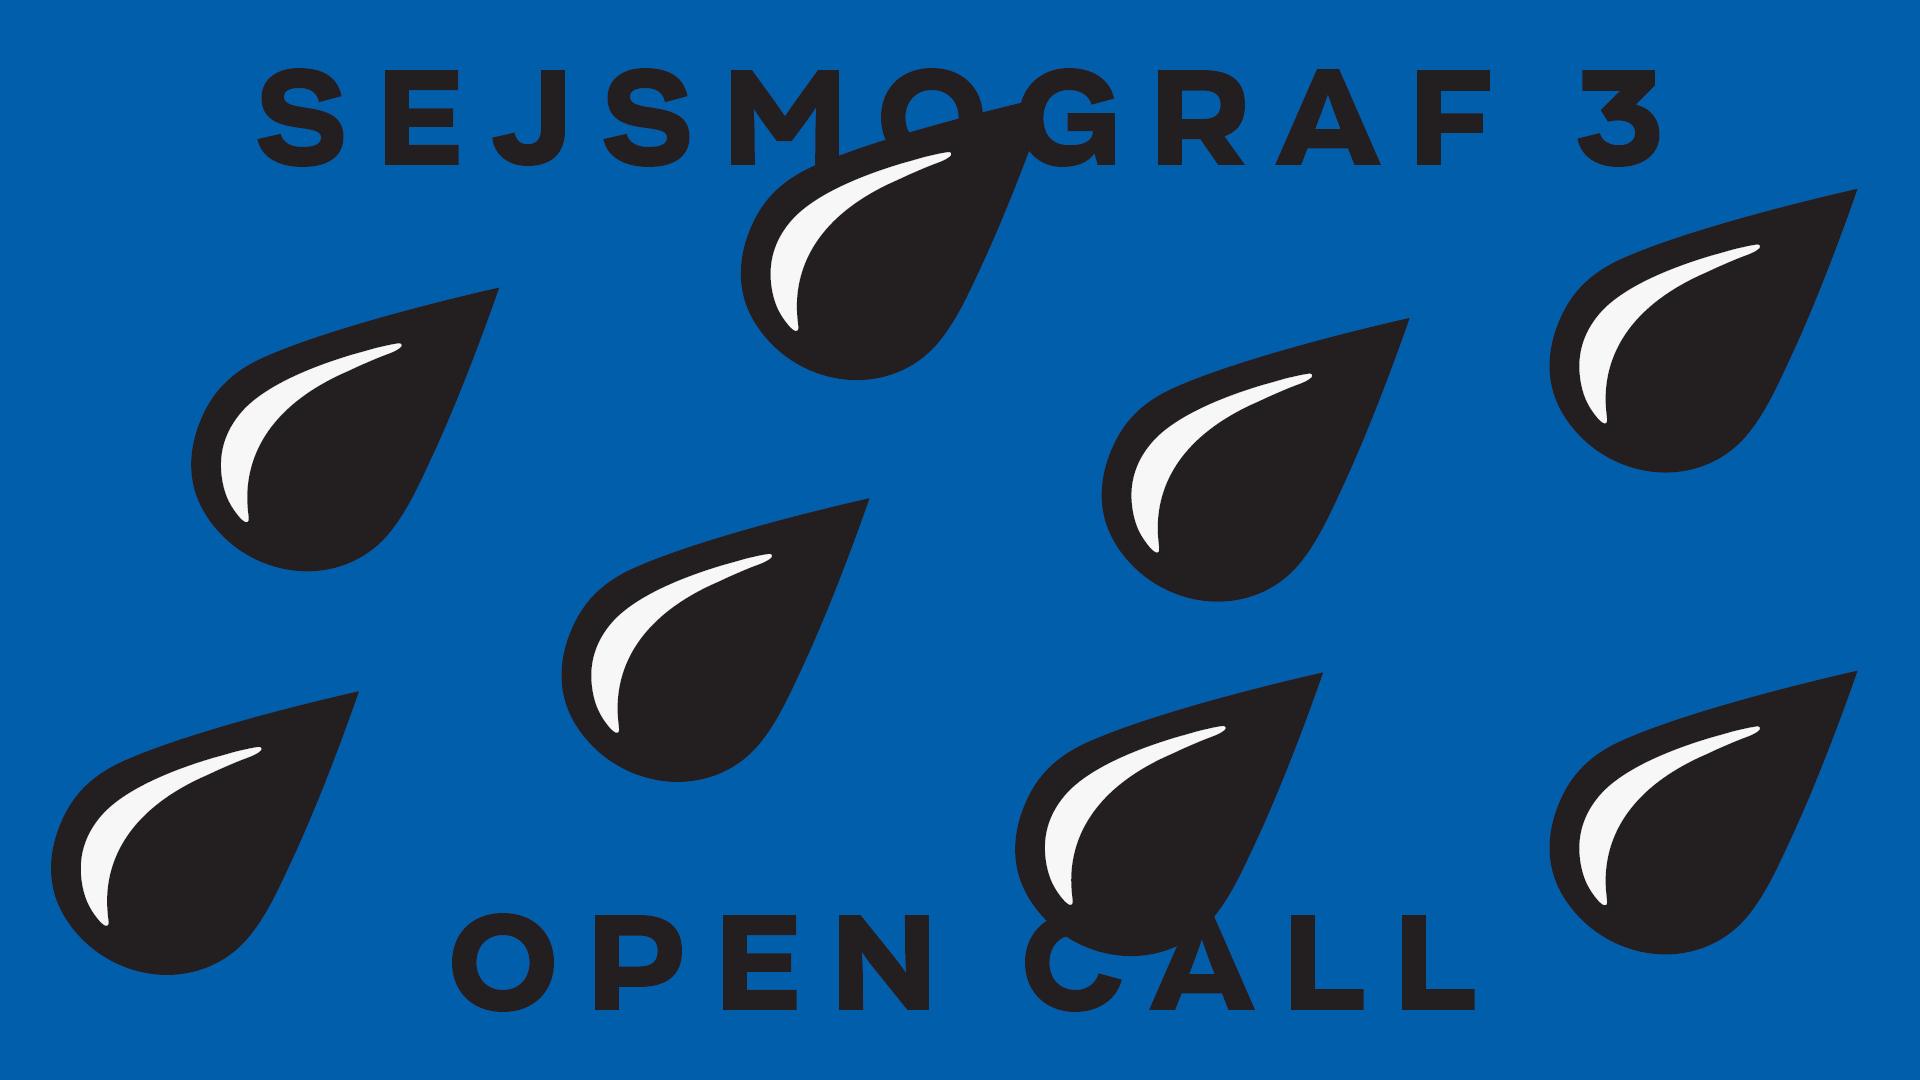 Open call: Sejsmograf 3 (źródło: materiały prasowe organizatora)